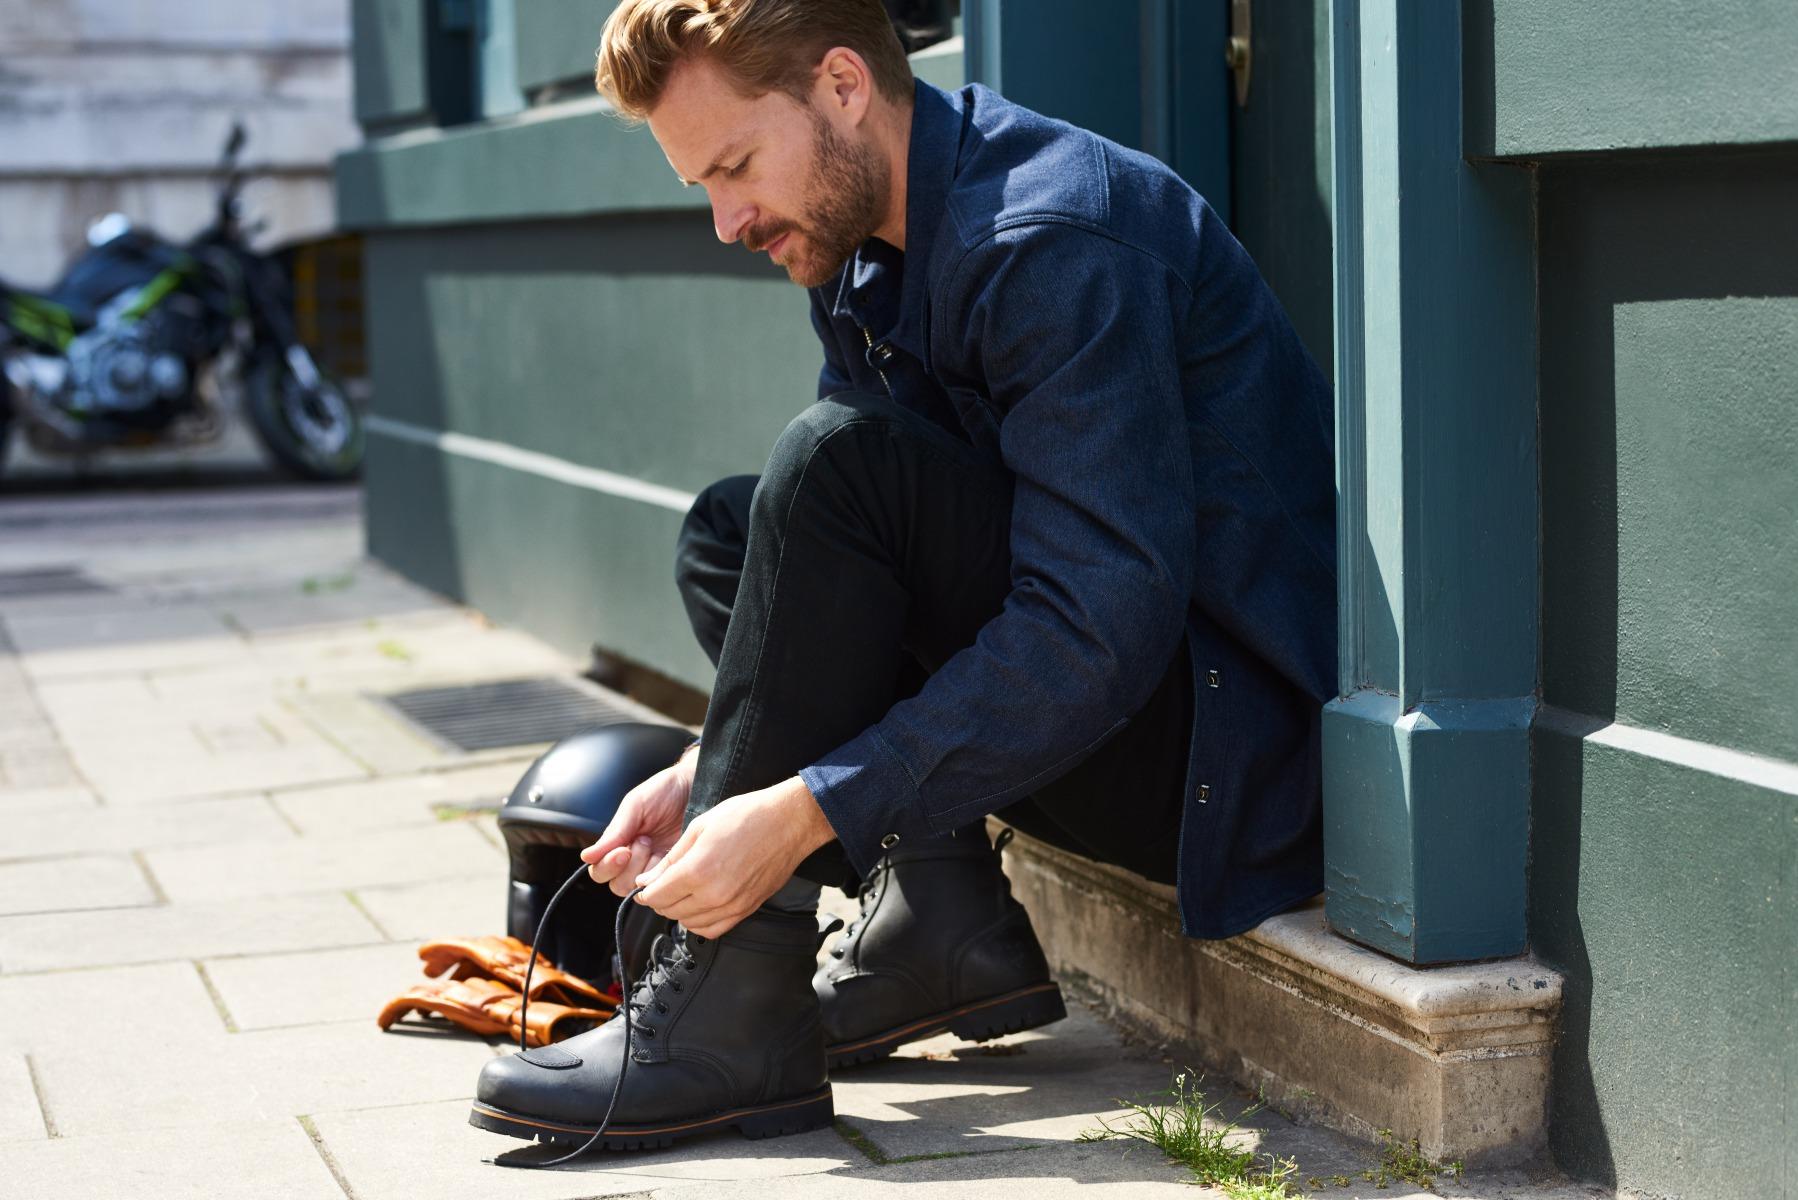 102146-rst-roadster-ii-waterproof-boot-black-lifestyle-01